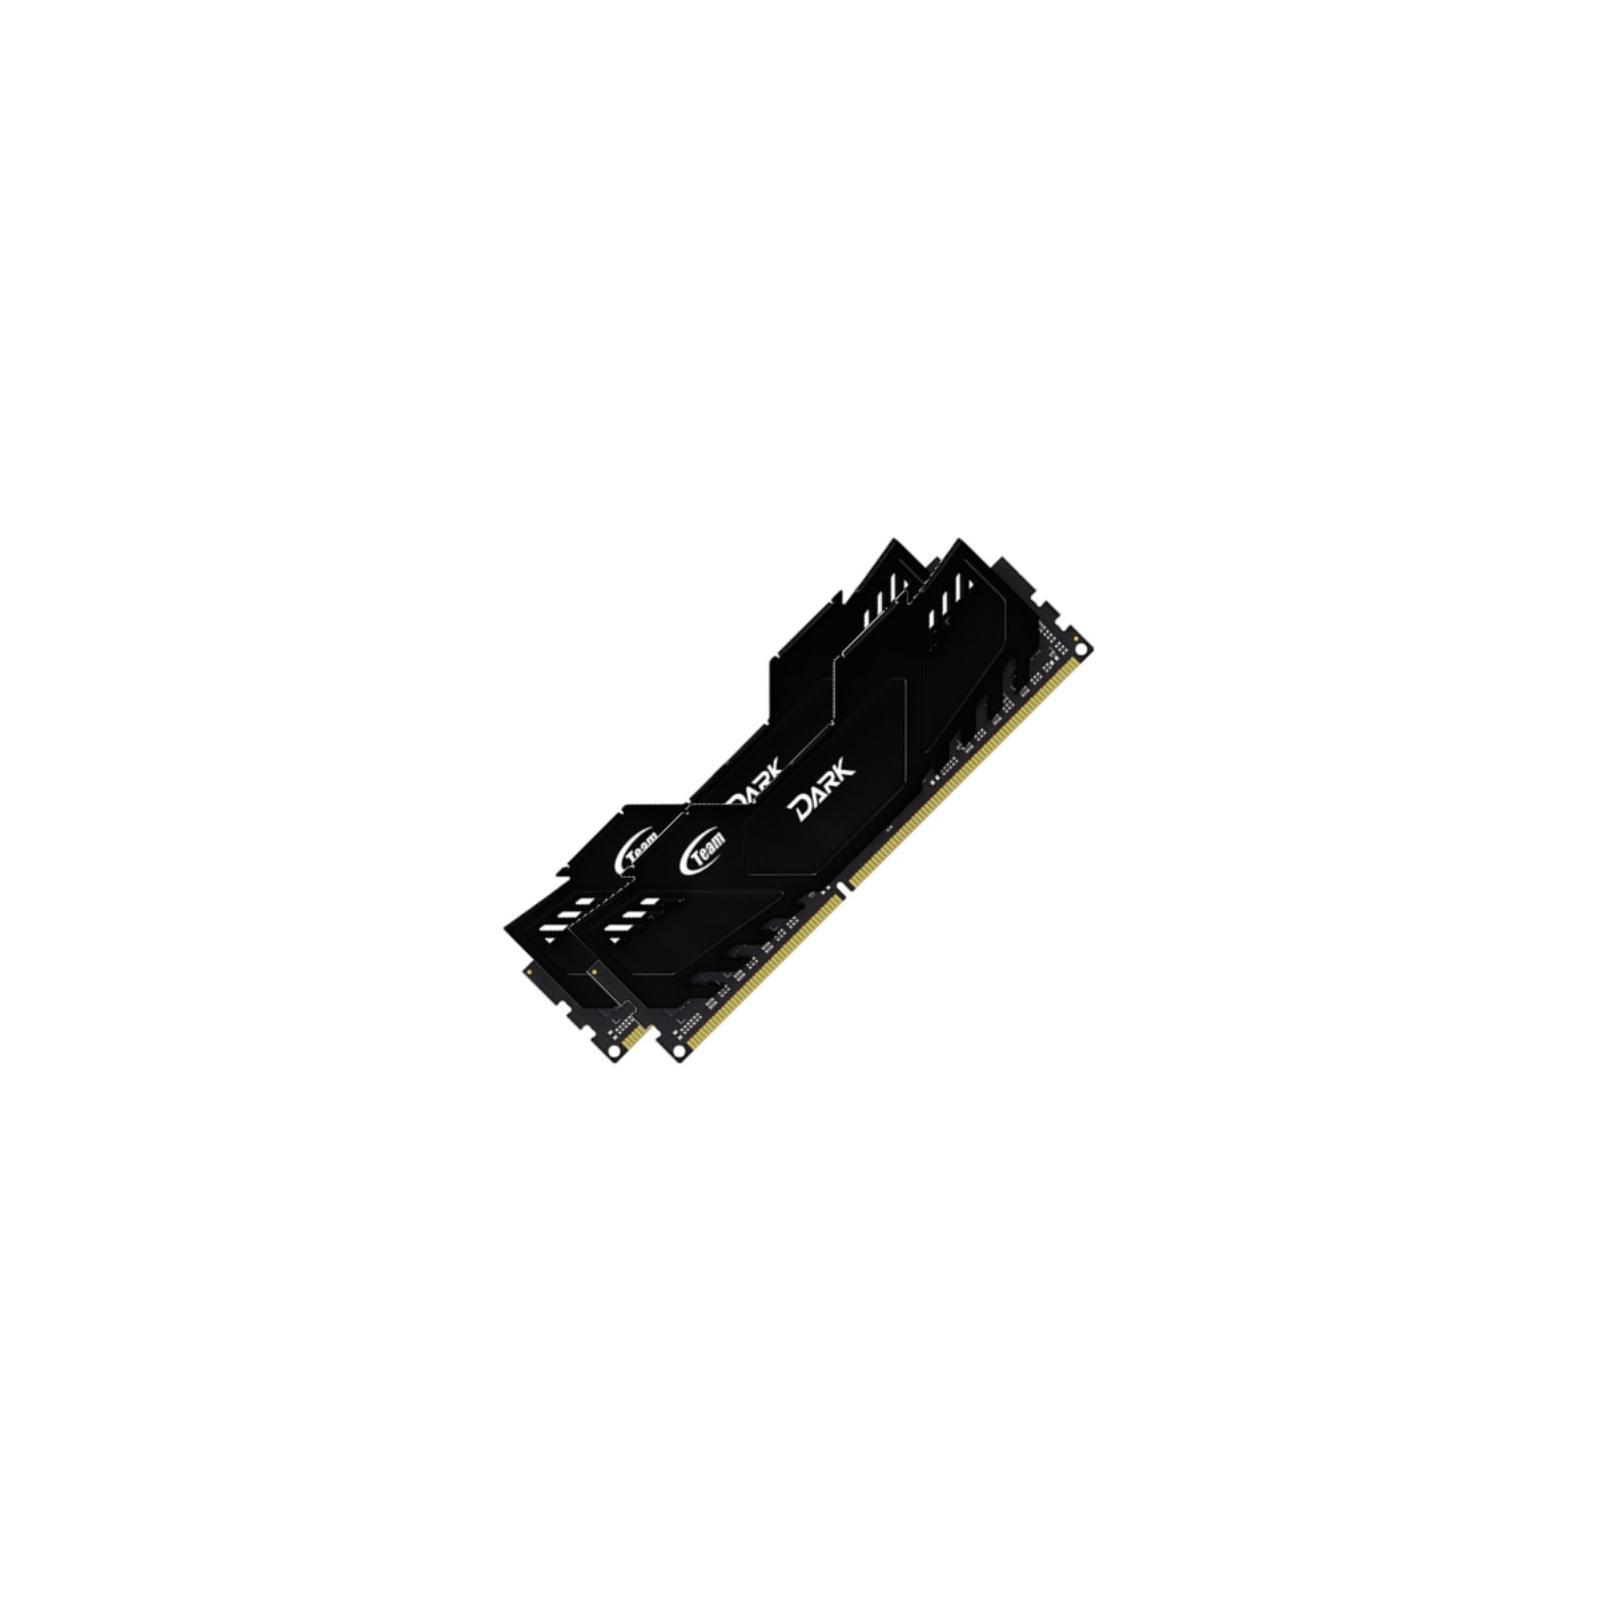 Модуль памяти для компьютера DDR4 8GB (2x4GB) 2666 MHz Dark Black Team (TDKED48G2666HC15ADC01) изображение 2